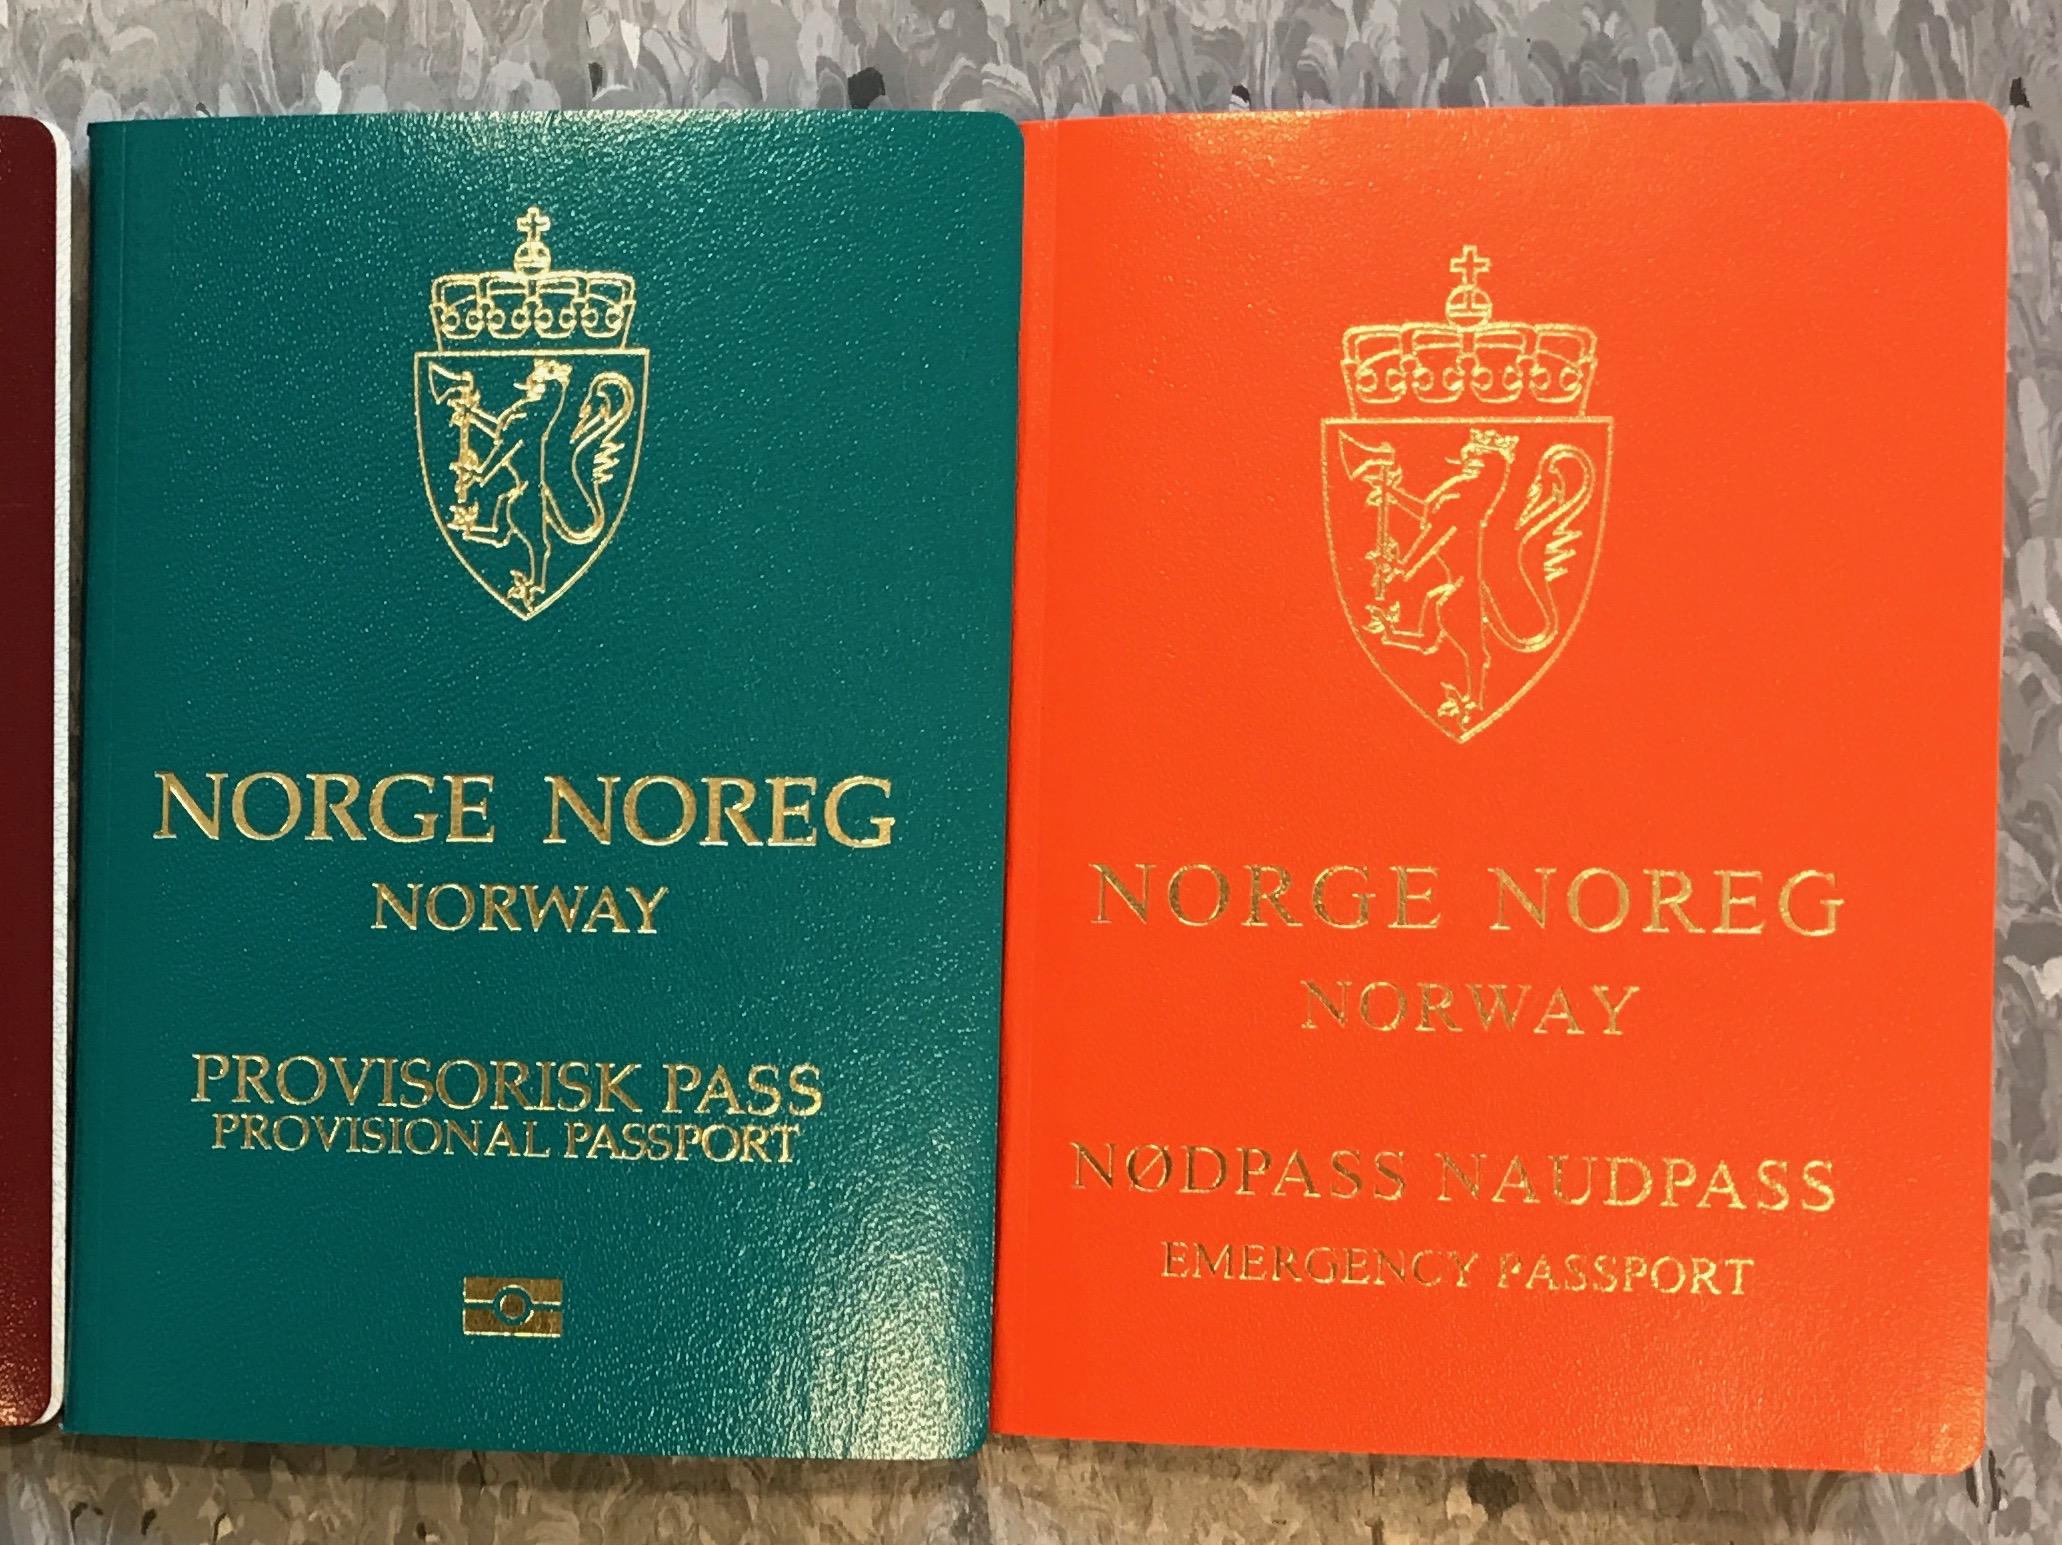 Provisoriske pass og nødpass kan utstedes i spesielle tilfeller. Foto: Odd Roar Lange